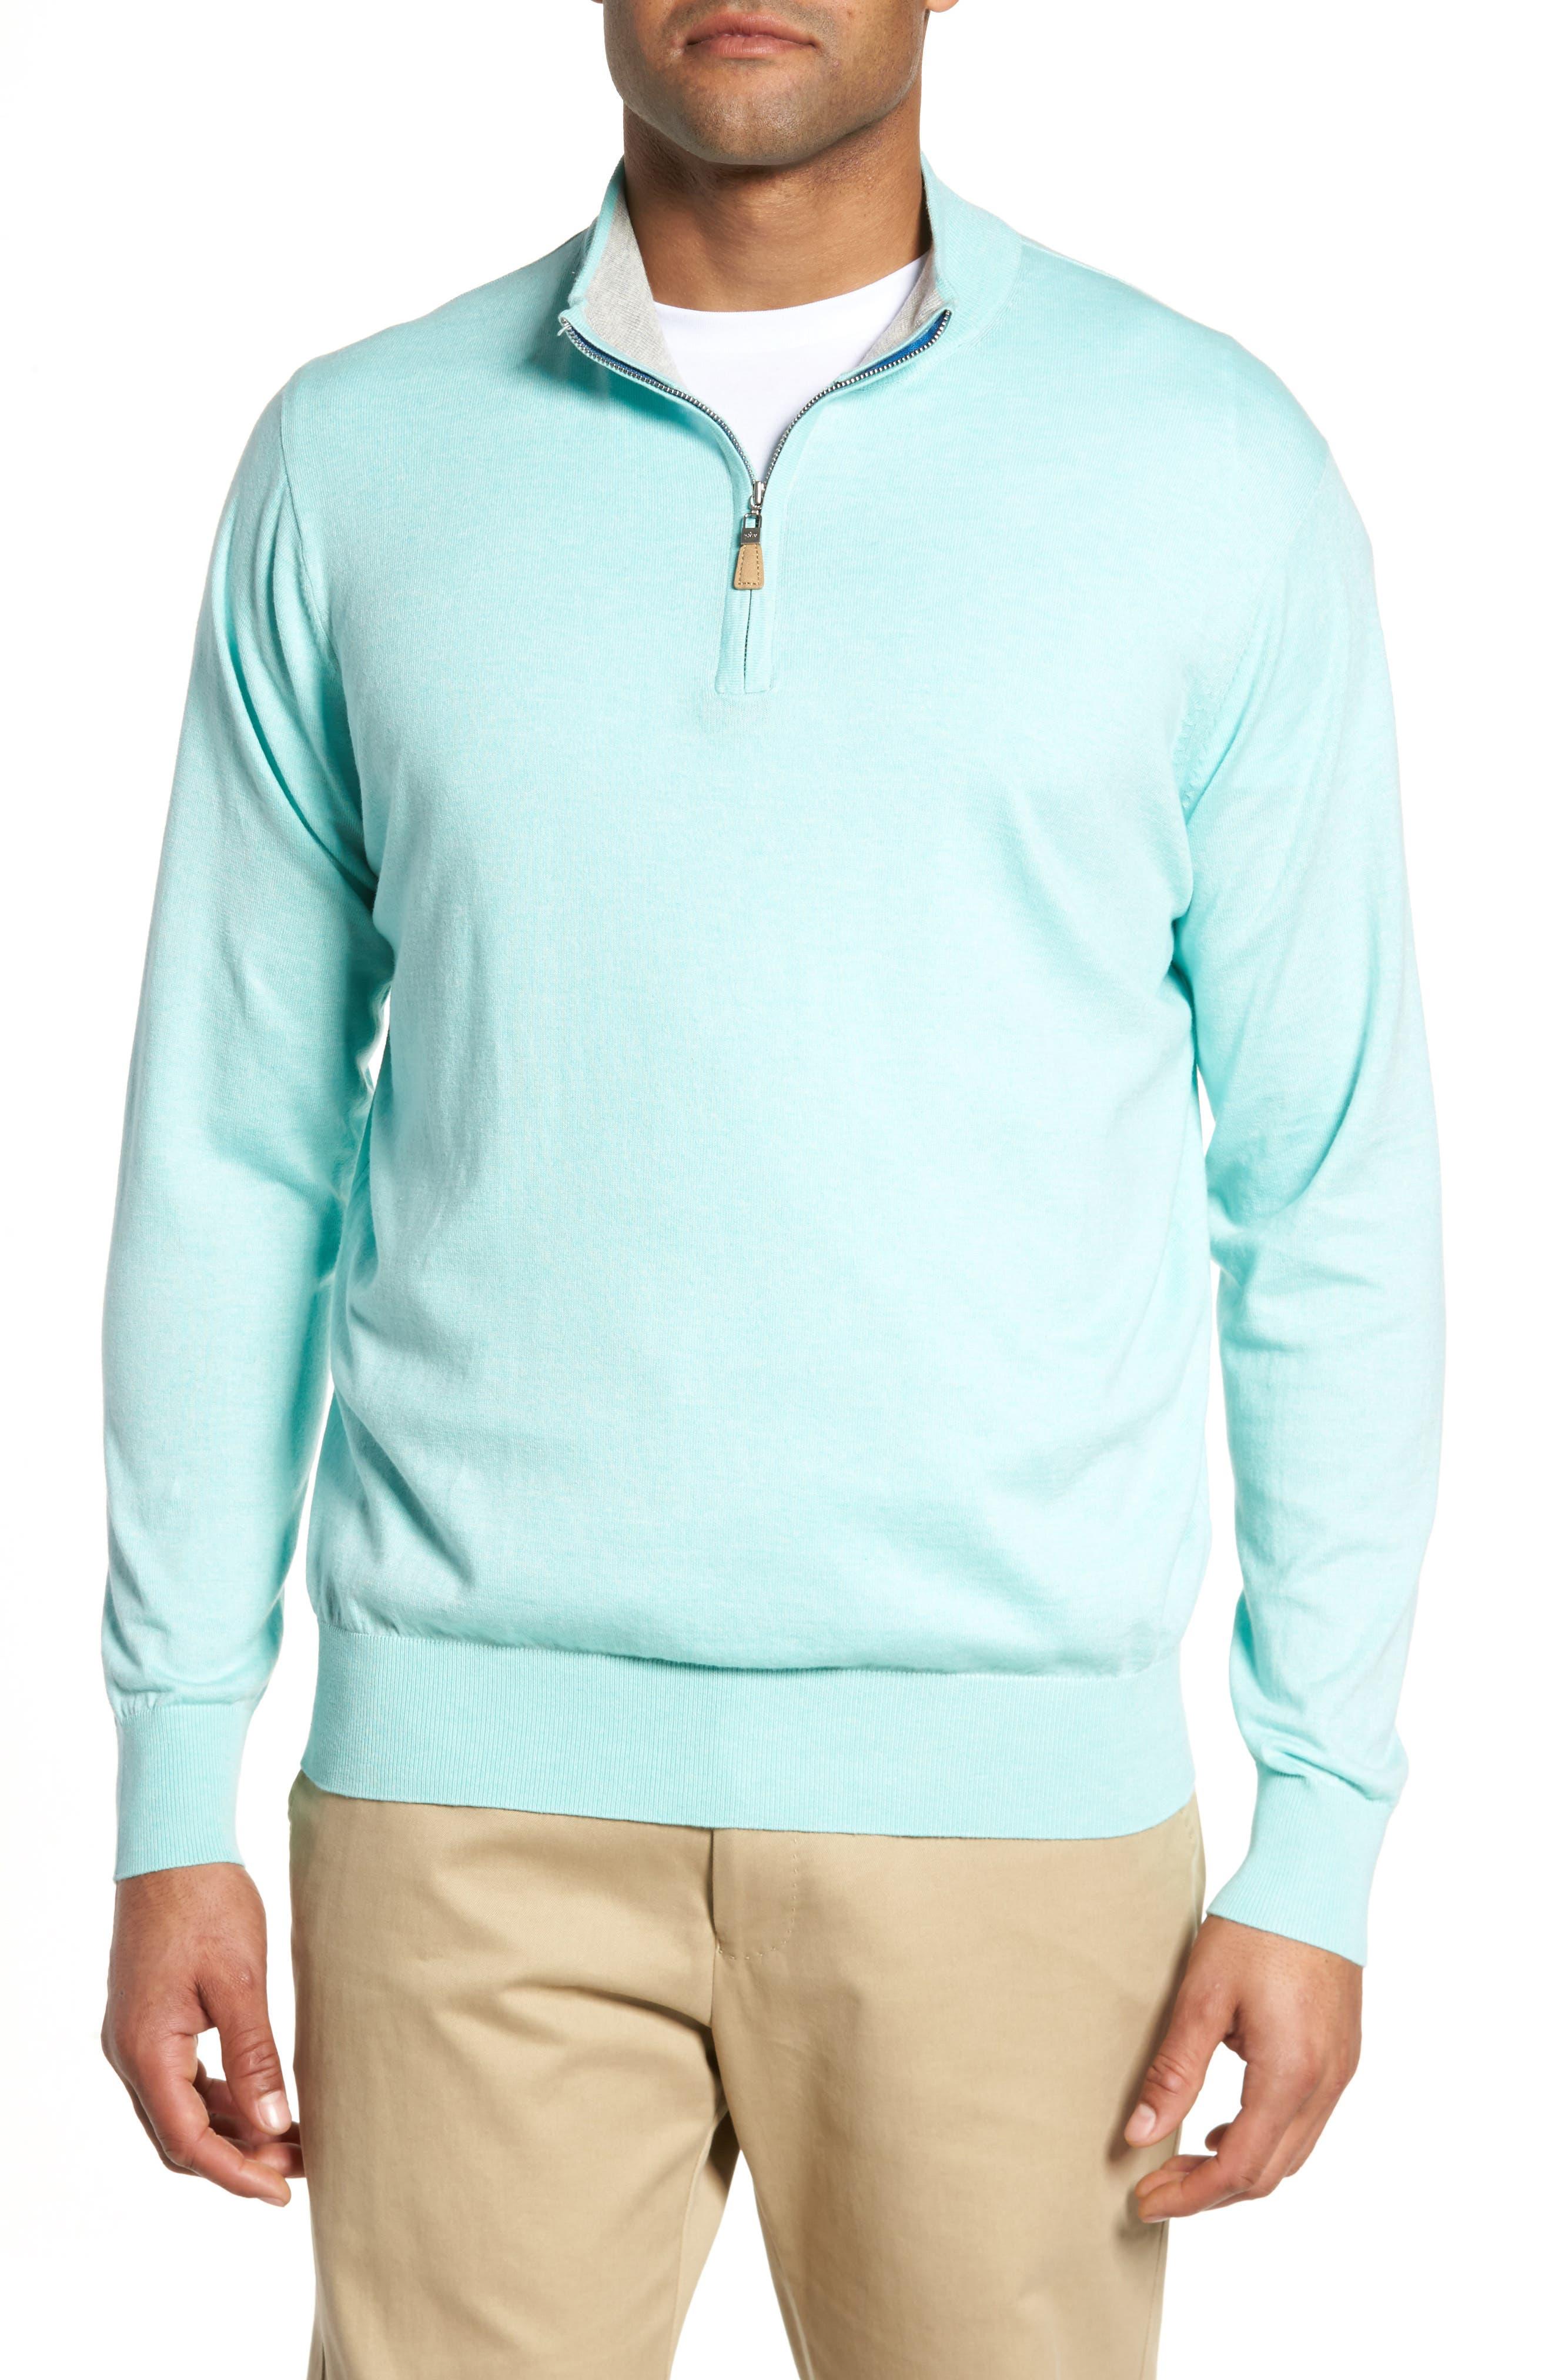 Crown Soft Quarter-Zip Pullover,                             Main thumbnail 1, color,                             Venetian Mist